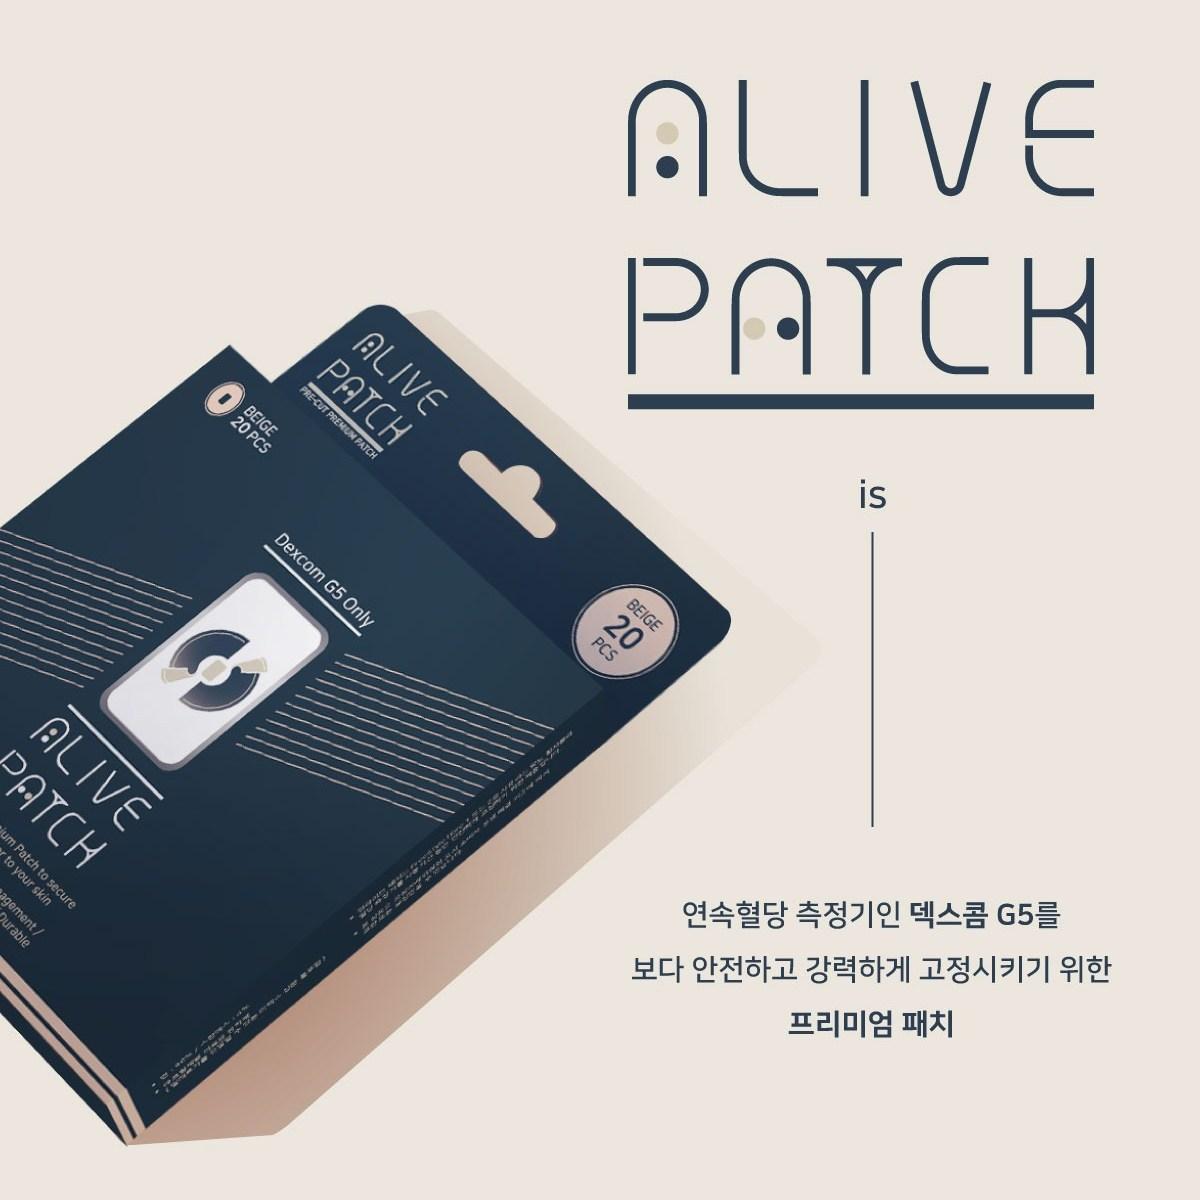 얼라이브패치 덱스콤 G5 고정용 패치 베이지, 1팩, 20매입